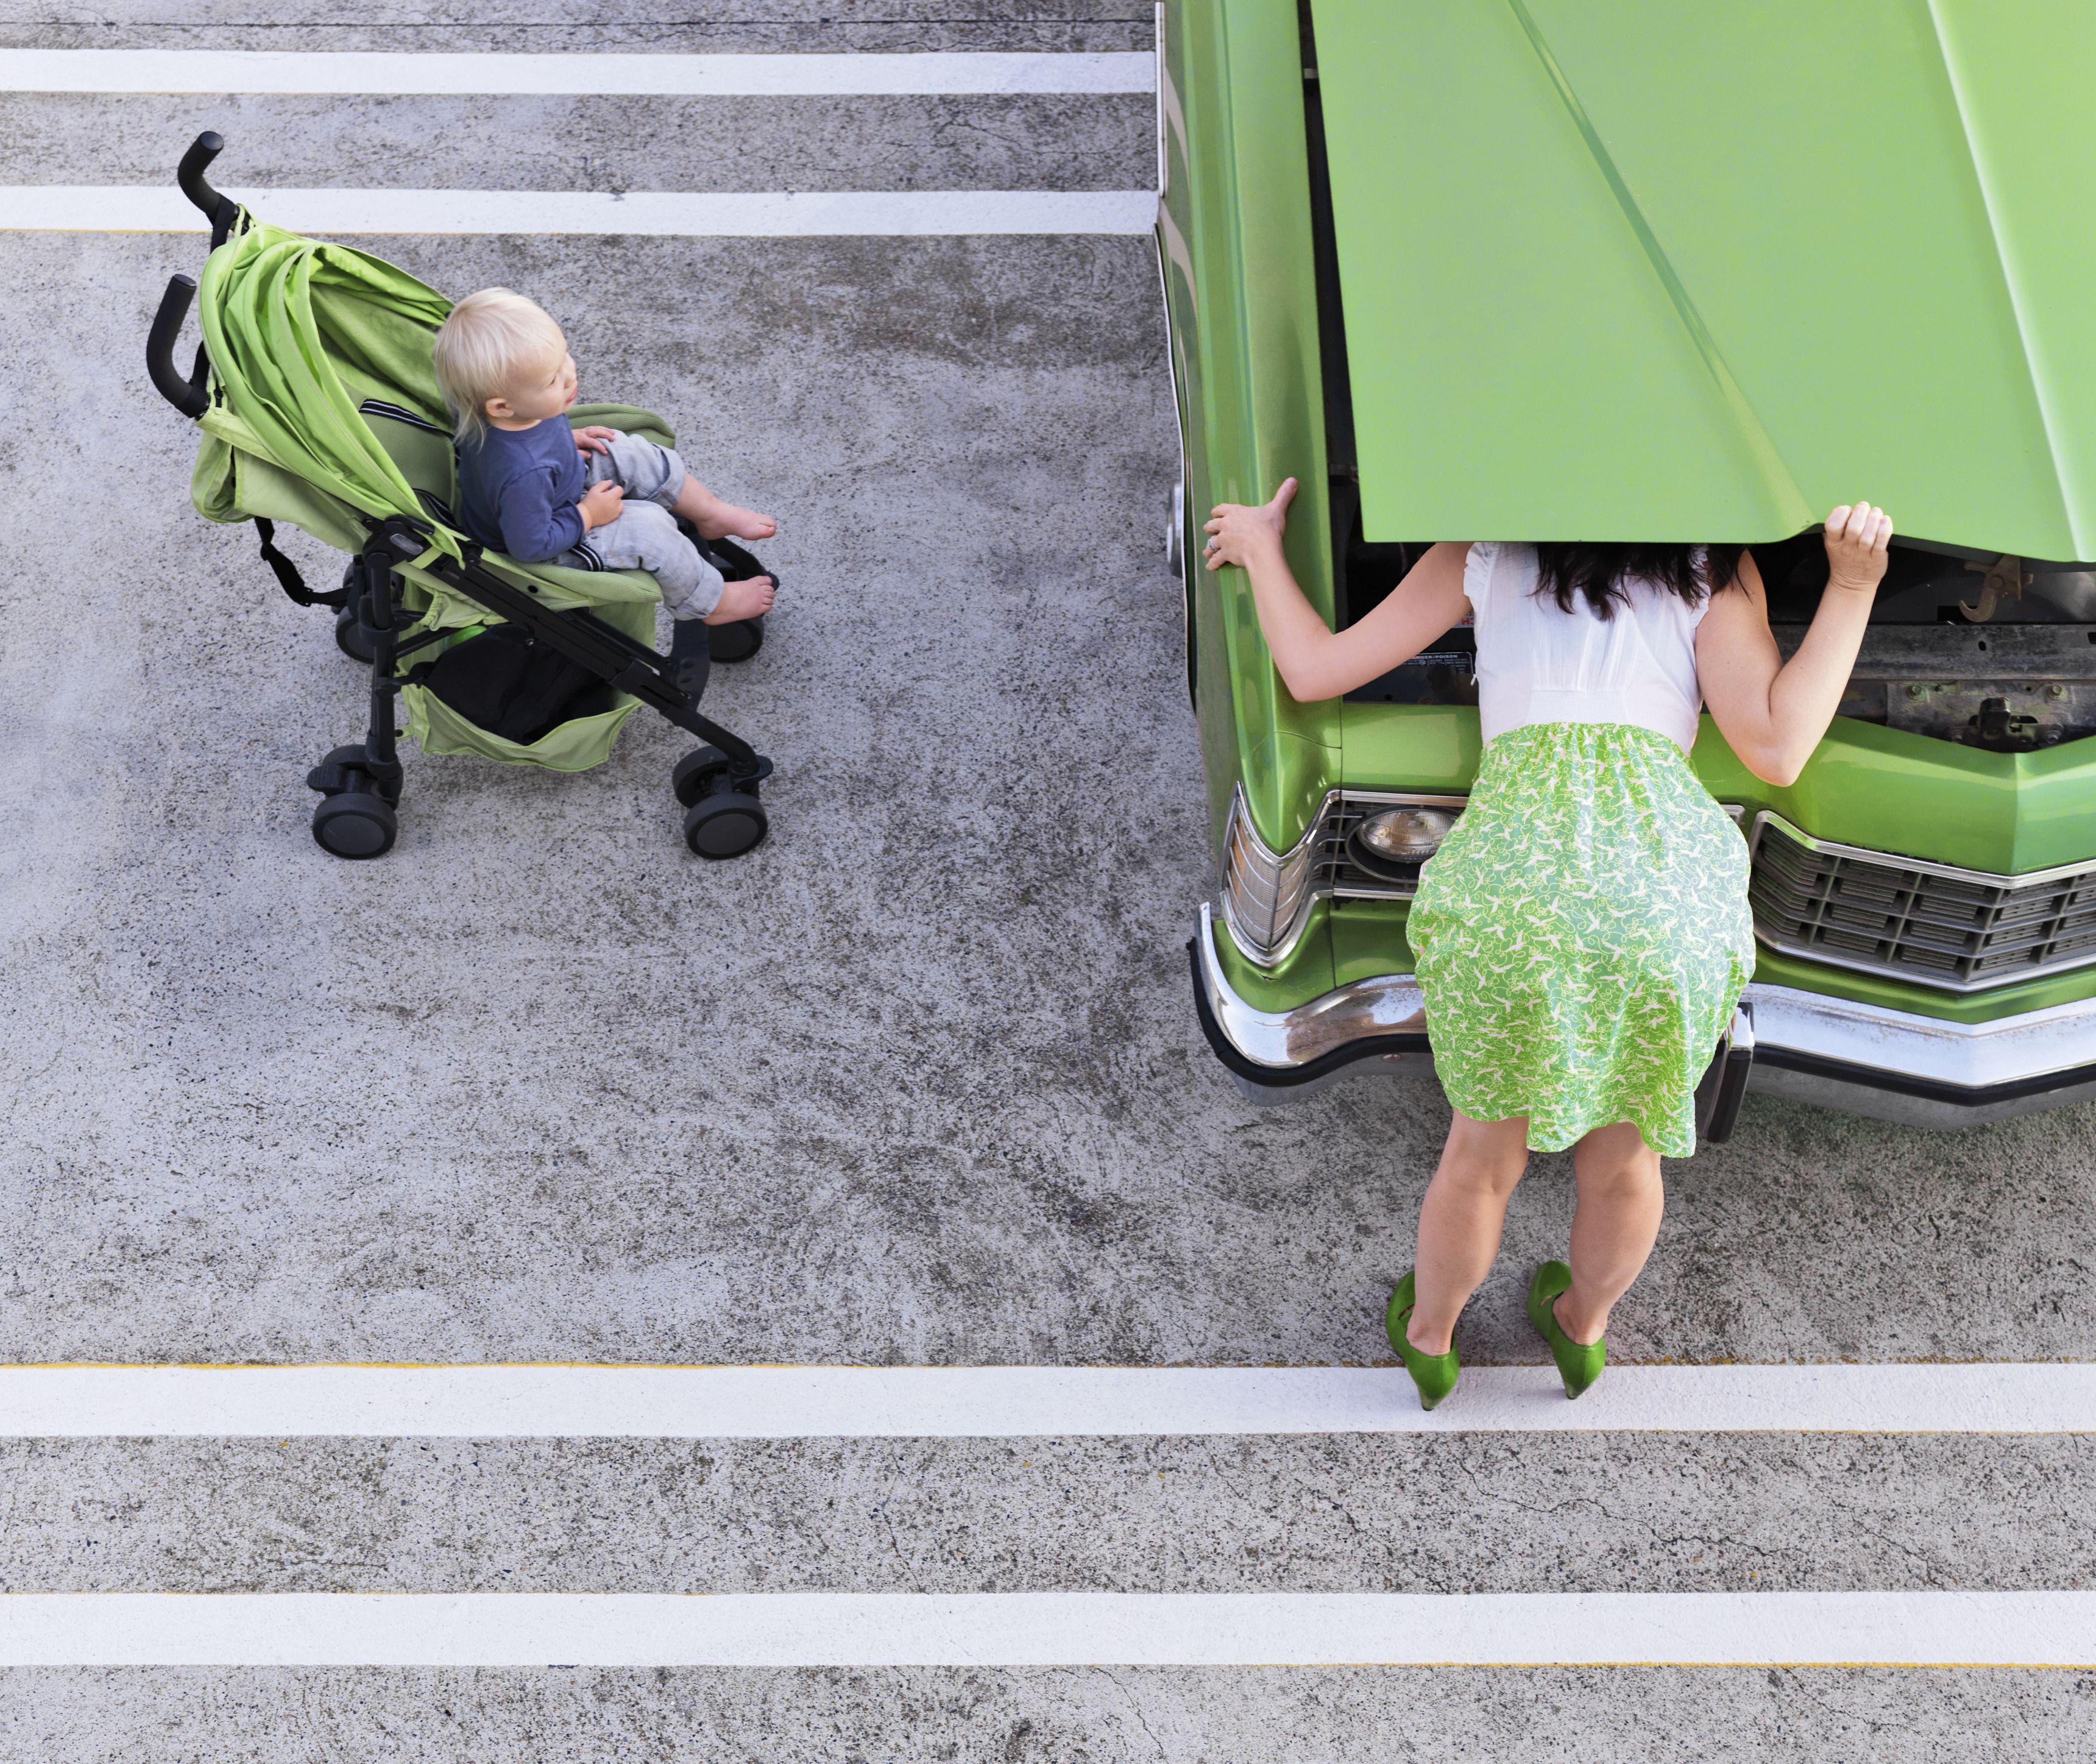 Γιος βλέποντας τη μητέρα που ελέγχει τη μηχανή του κλασικού αυτοκινήτου